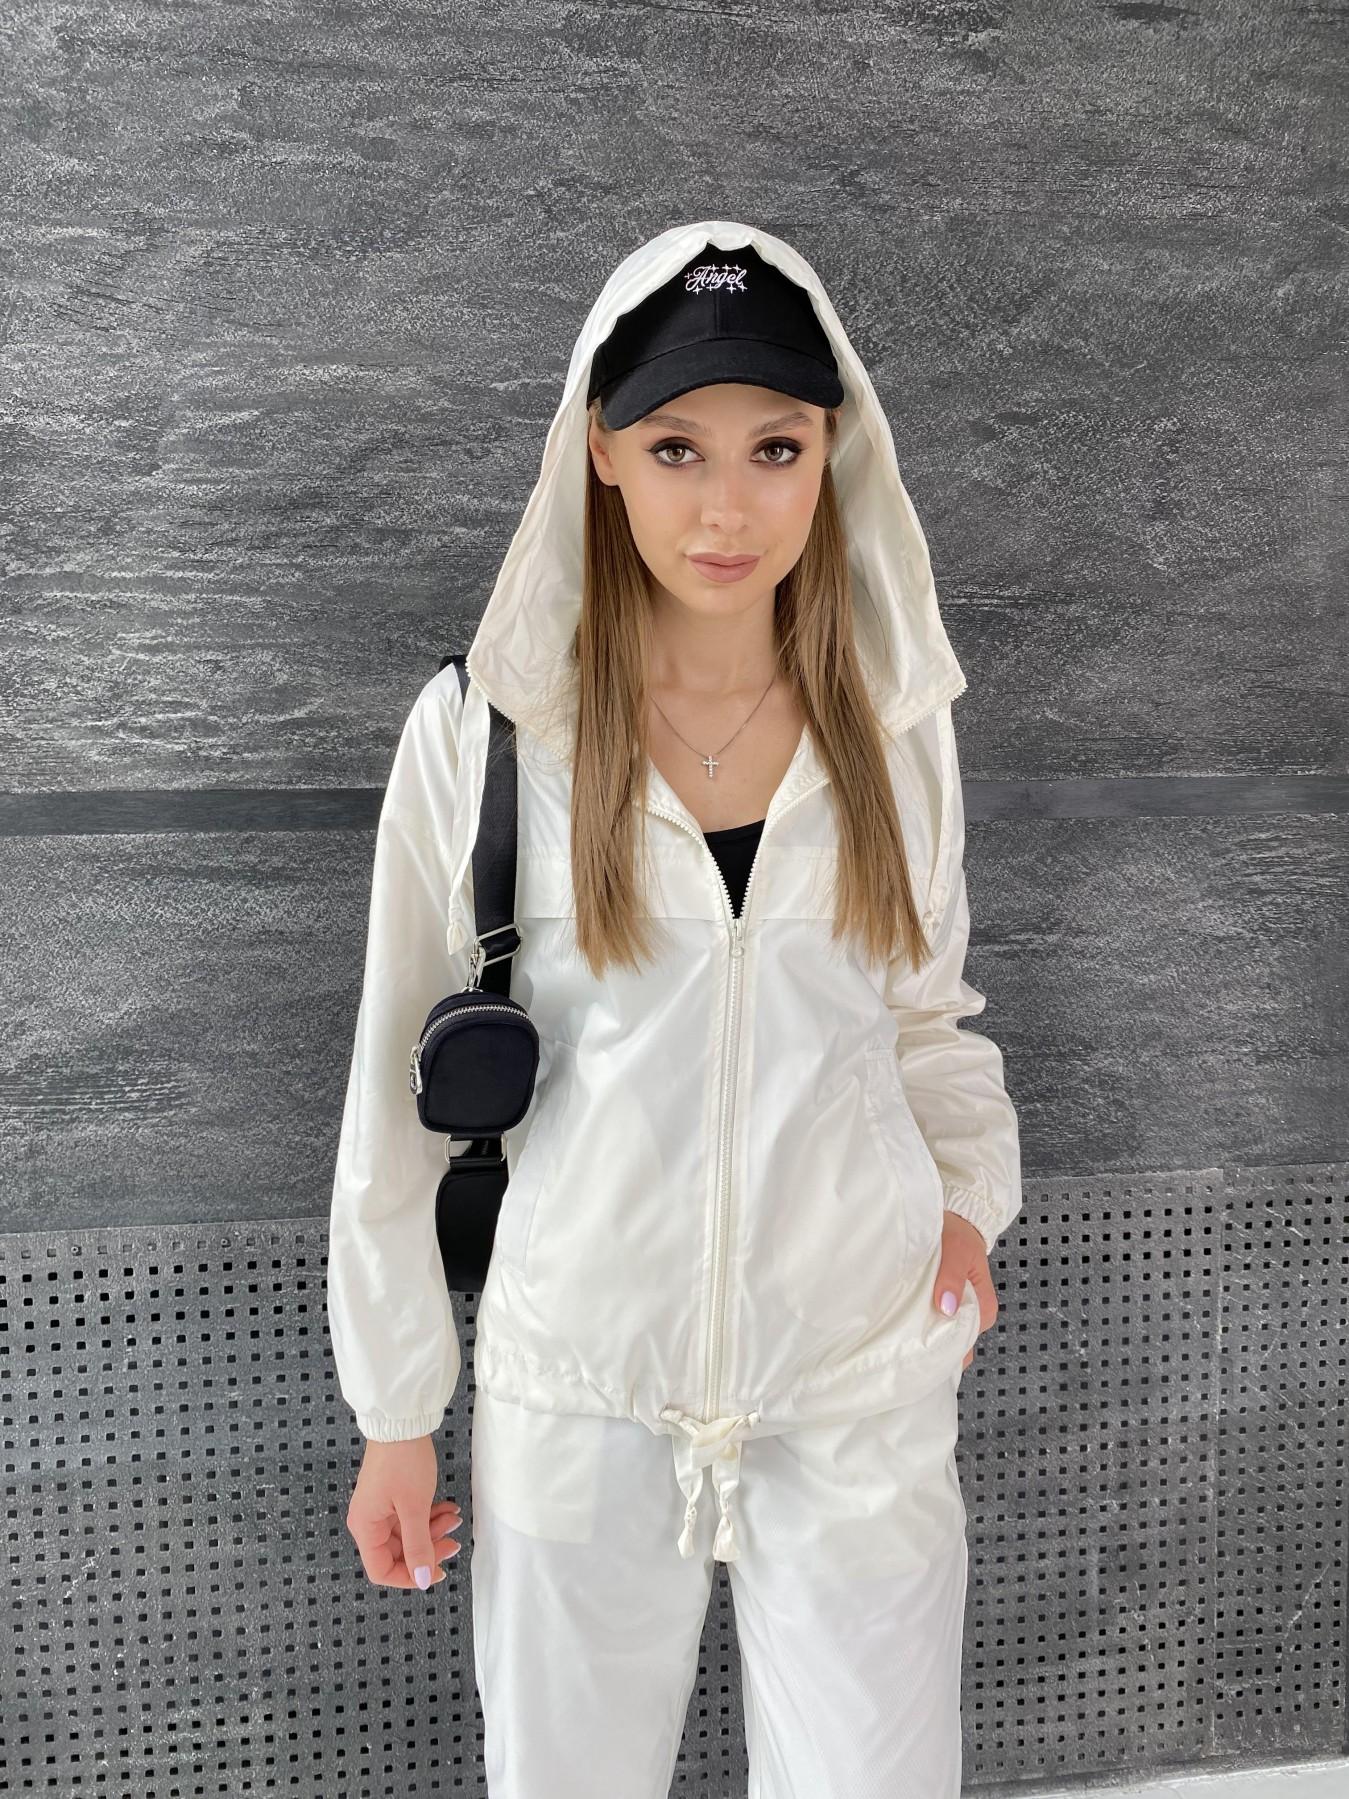 Фит костюм из плащевой ткани 11048 АРТ. 47533 Цвет: Молоко - фото 14, интернет магазин tm-modus.ru